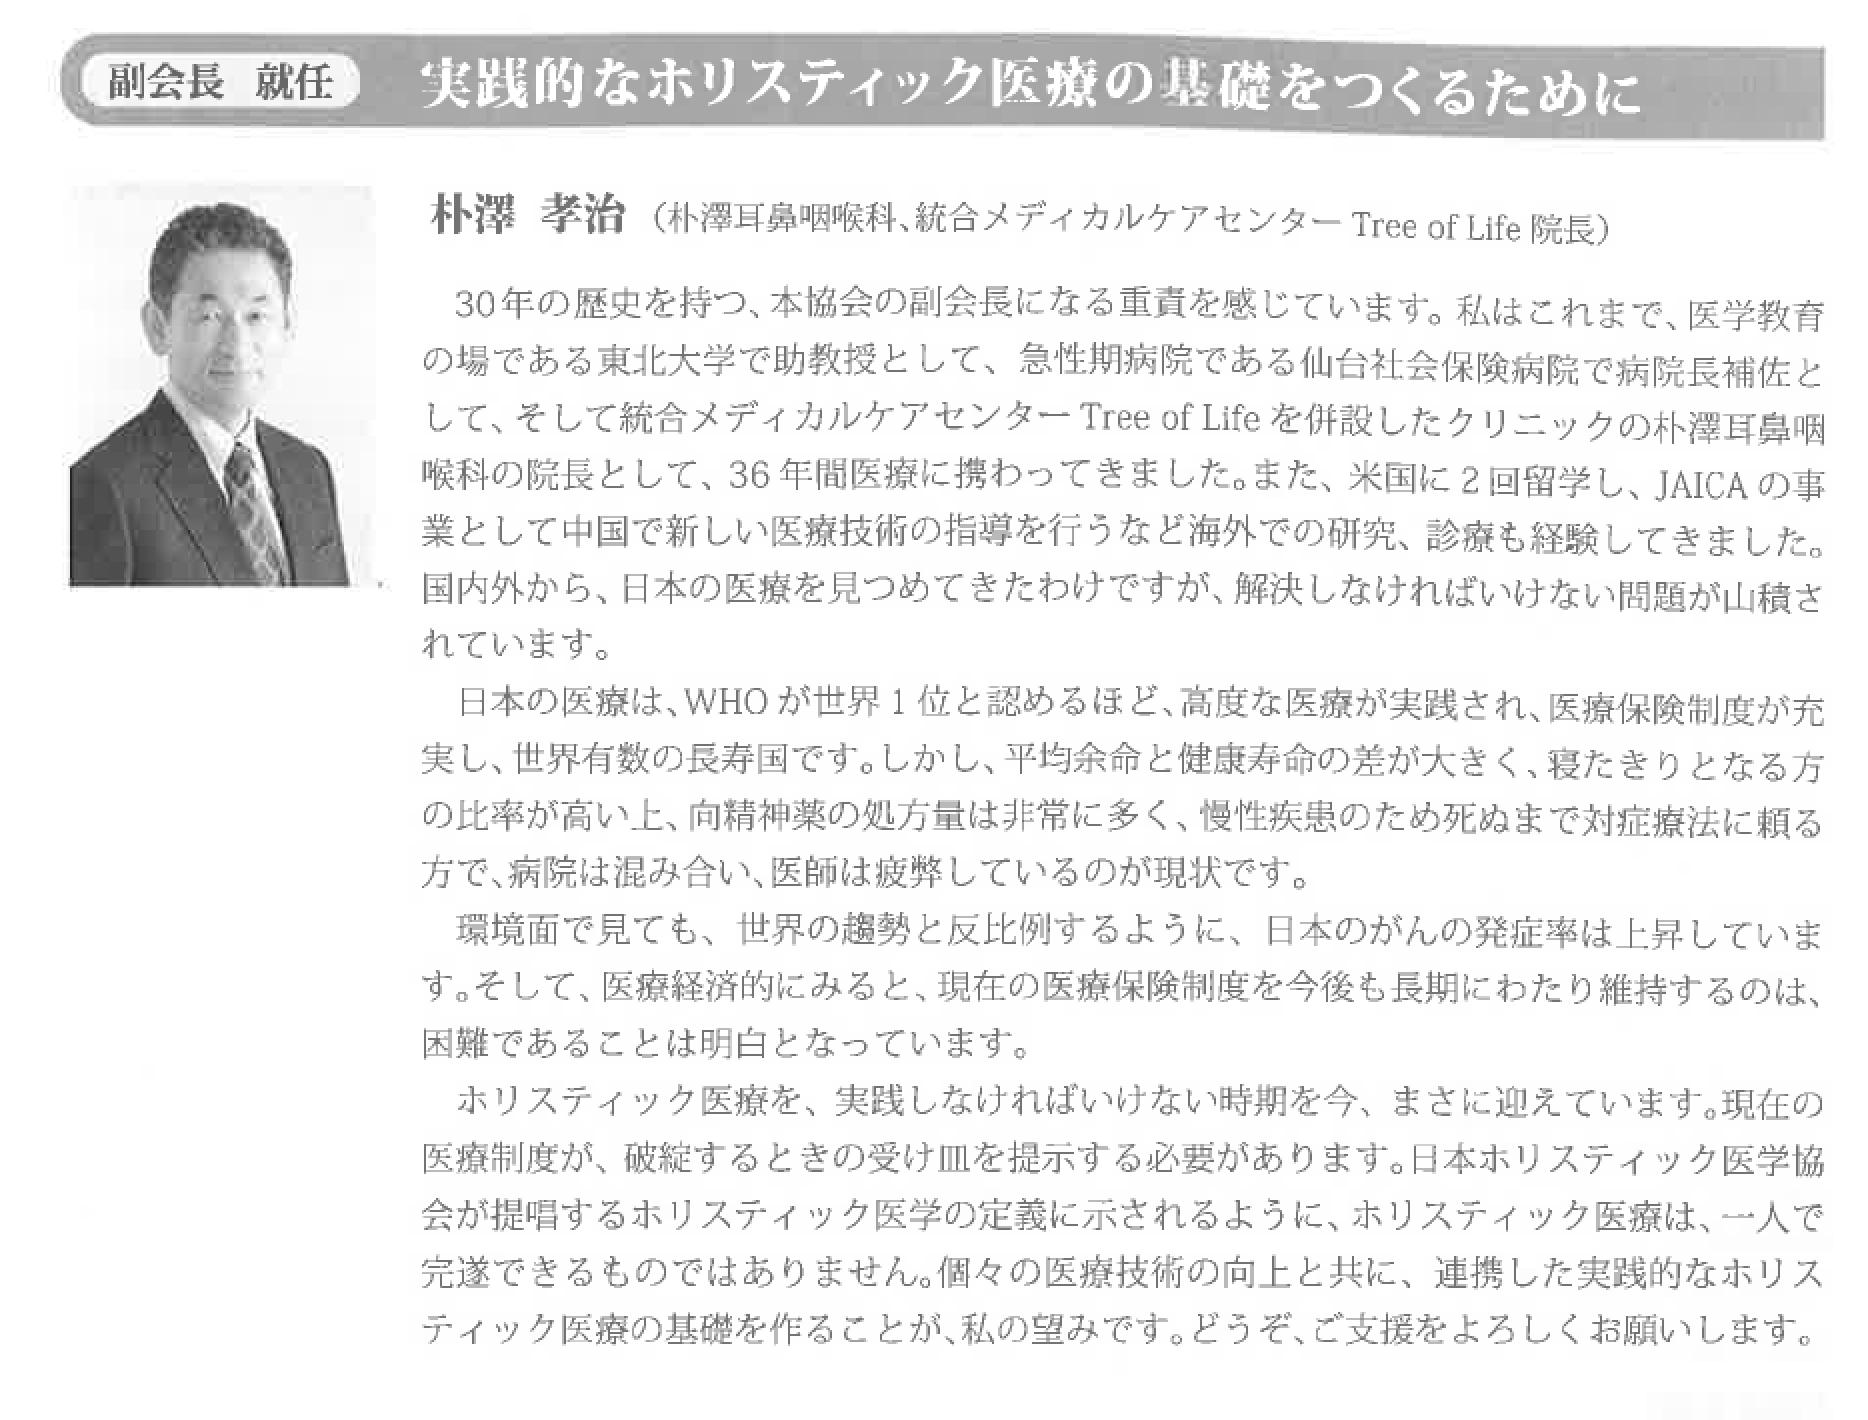 http://hozawa.jp/news/news_img/%E3%82%B9%E3%82%AF%E3%83%AA%E3%83%BC%E3%83%B3%E3%82%B7%E3%83%A7%E3%83%83%E3%83%88%202018-03-01%2011.10.29.png